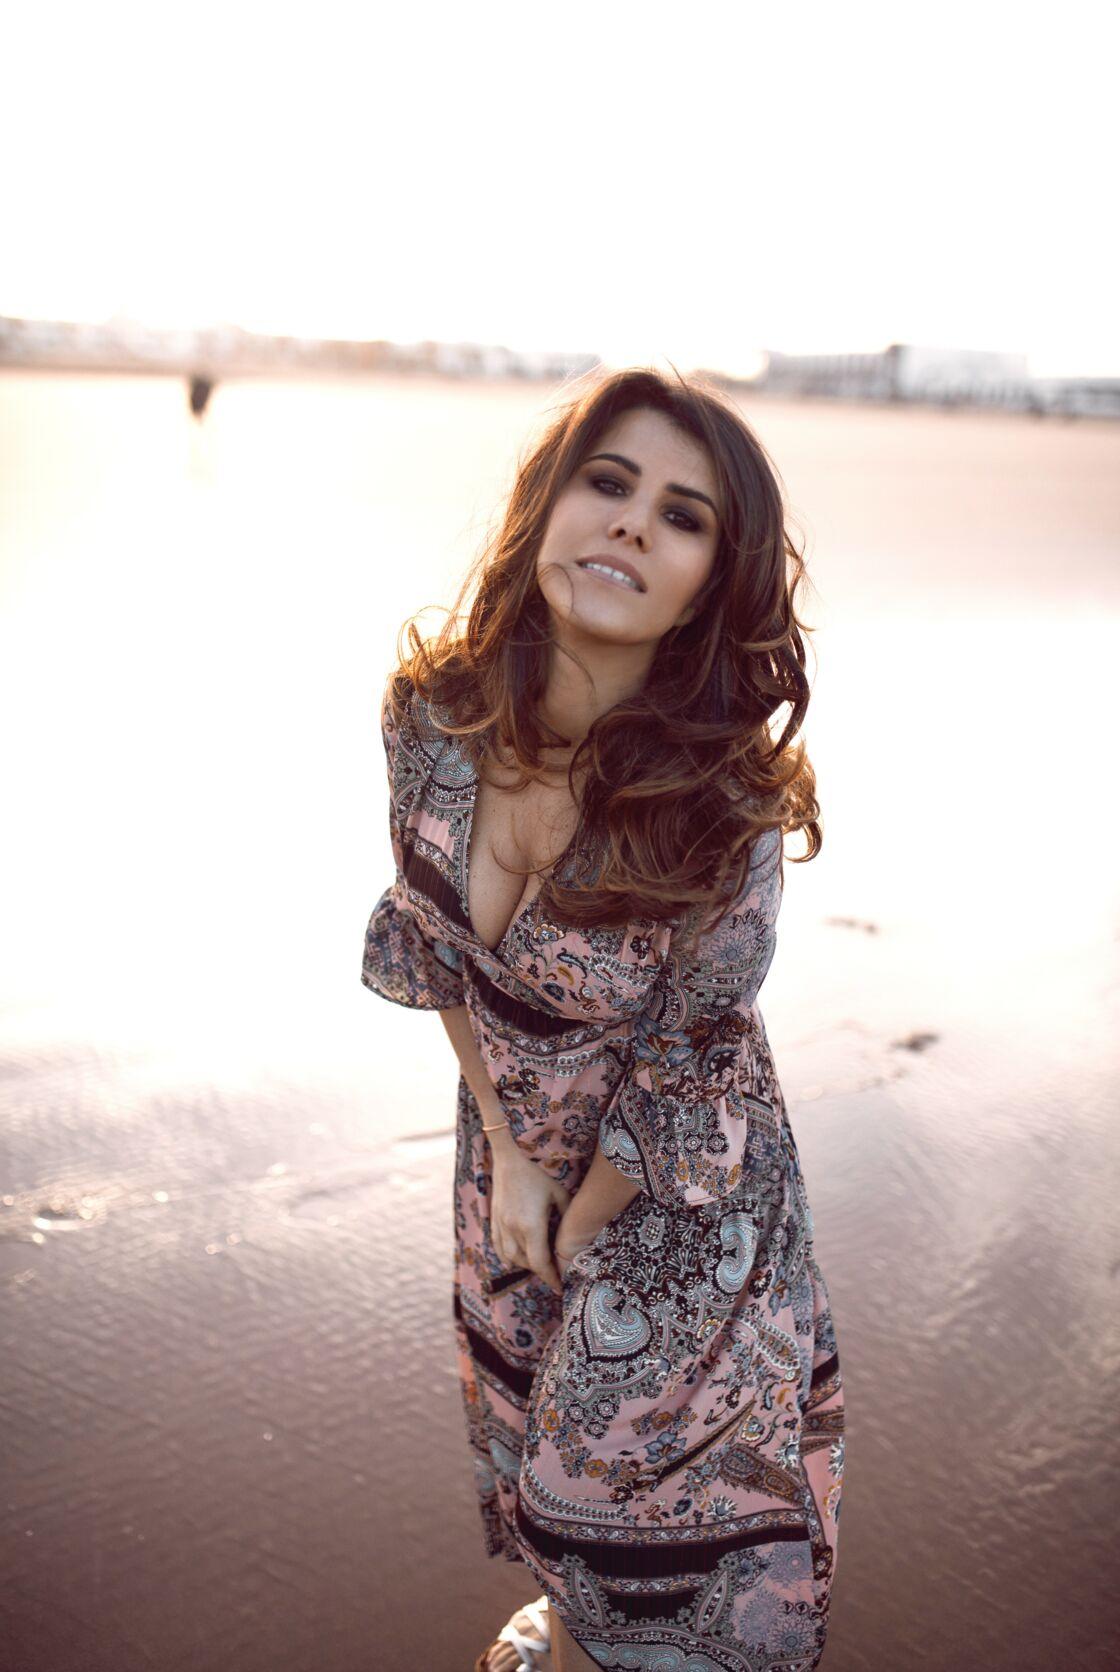 Karine Ferri adore les robes vaporeuses, très féminines qui mettent en valeur le décolleté.